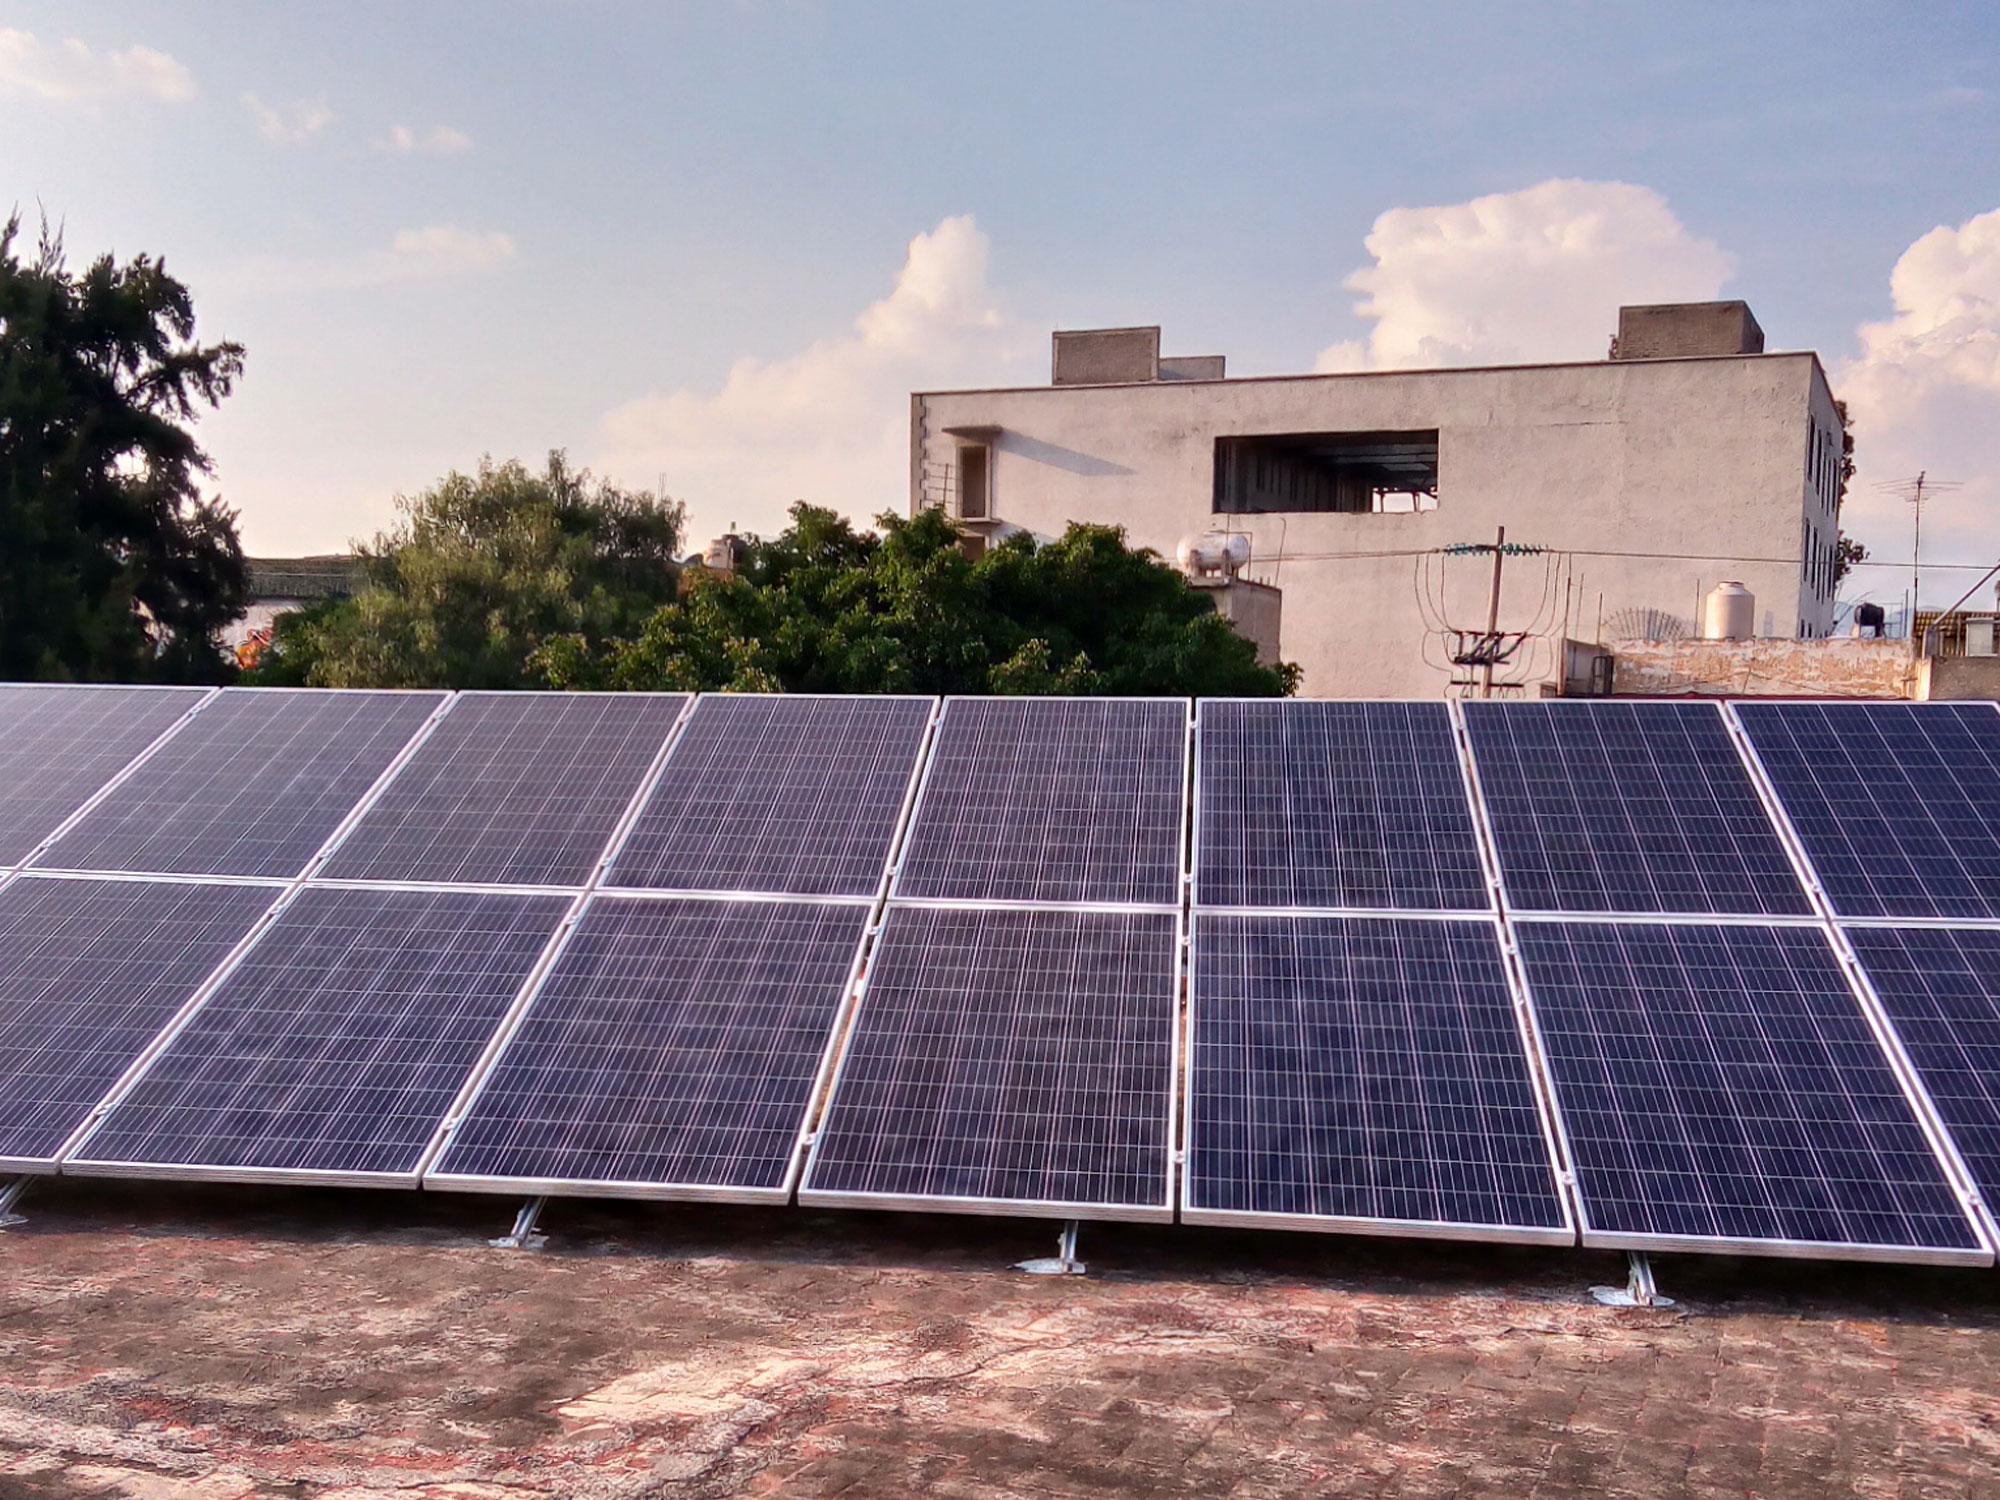 instalacion-solar-ciudad-mexico